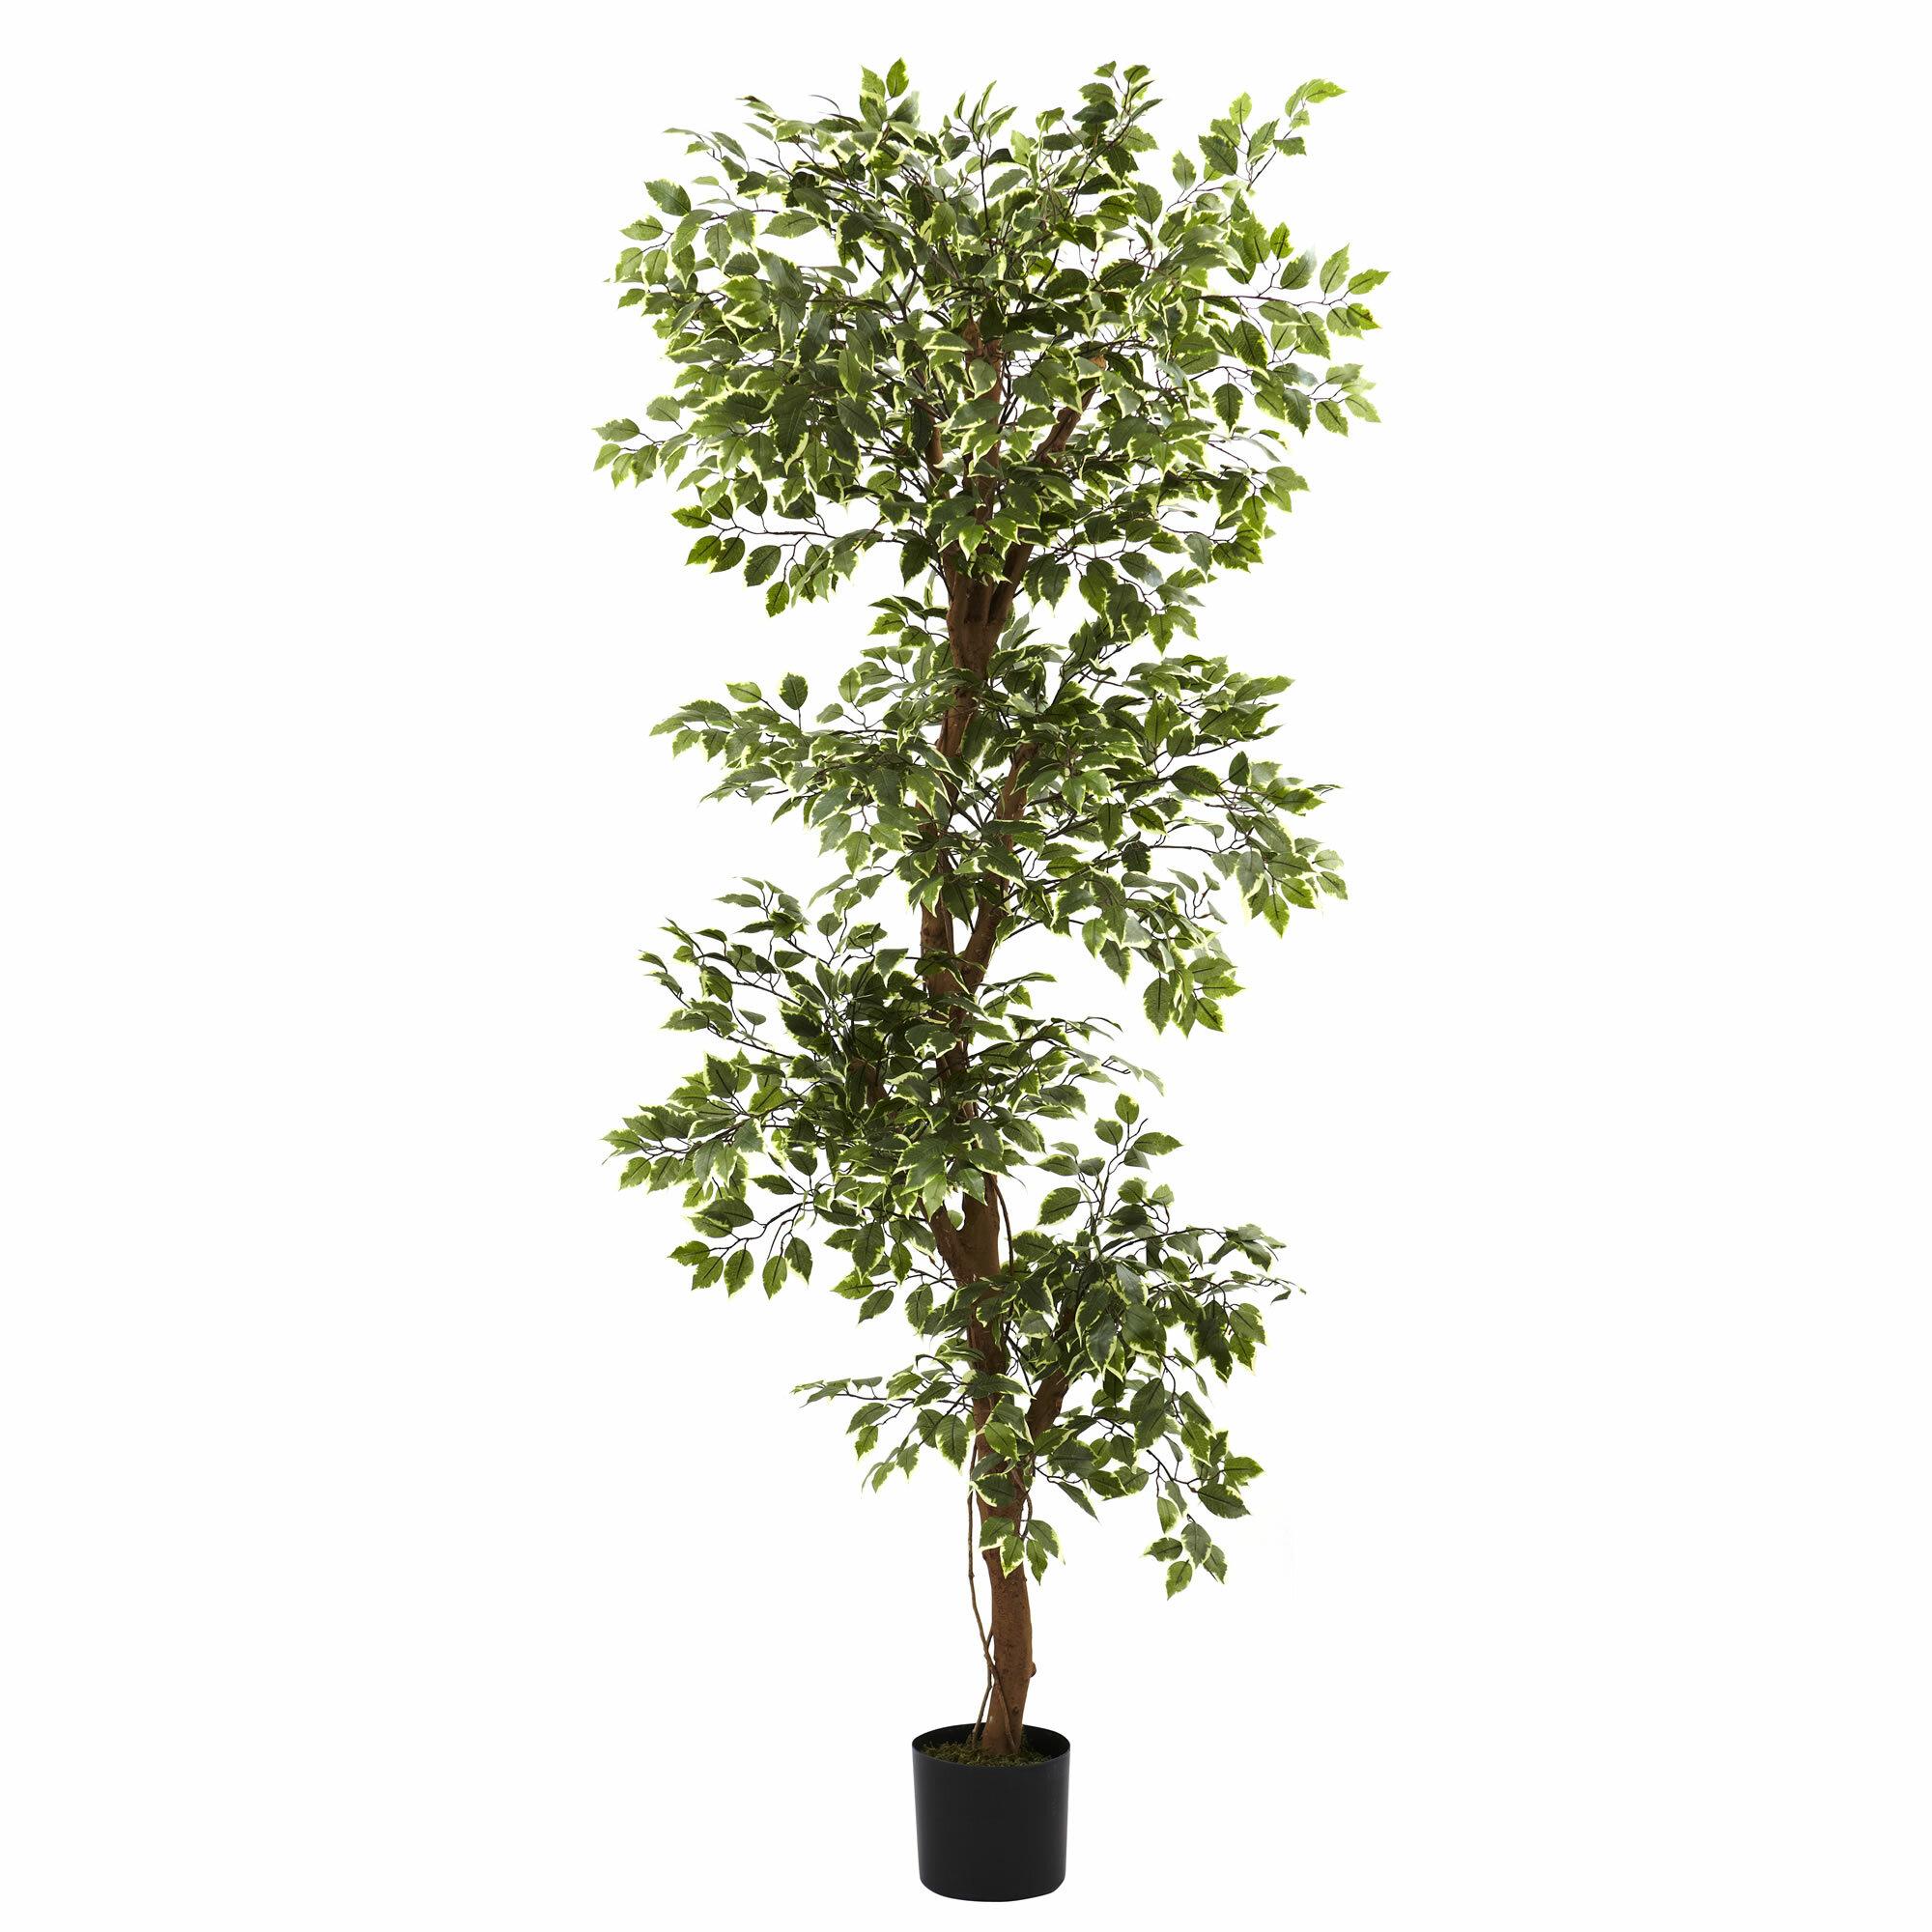 Primrue 66 Variegated Ficus Tree In Pot Reviews Wayfair